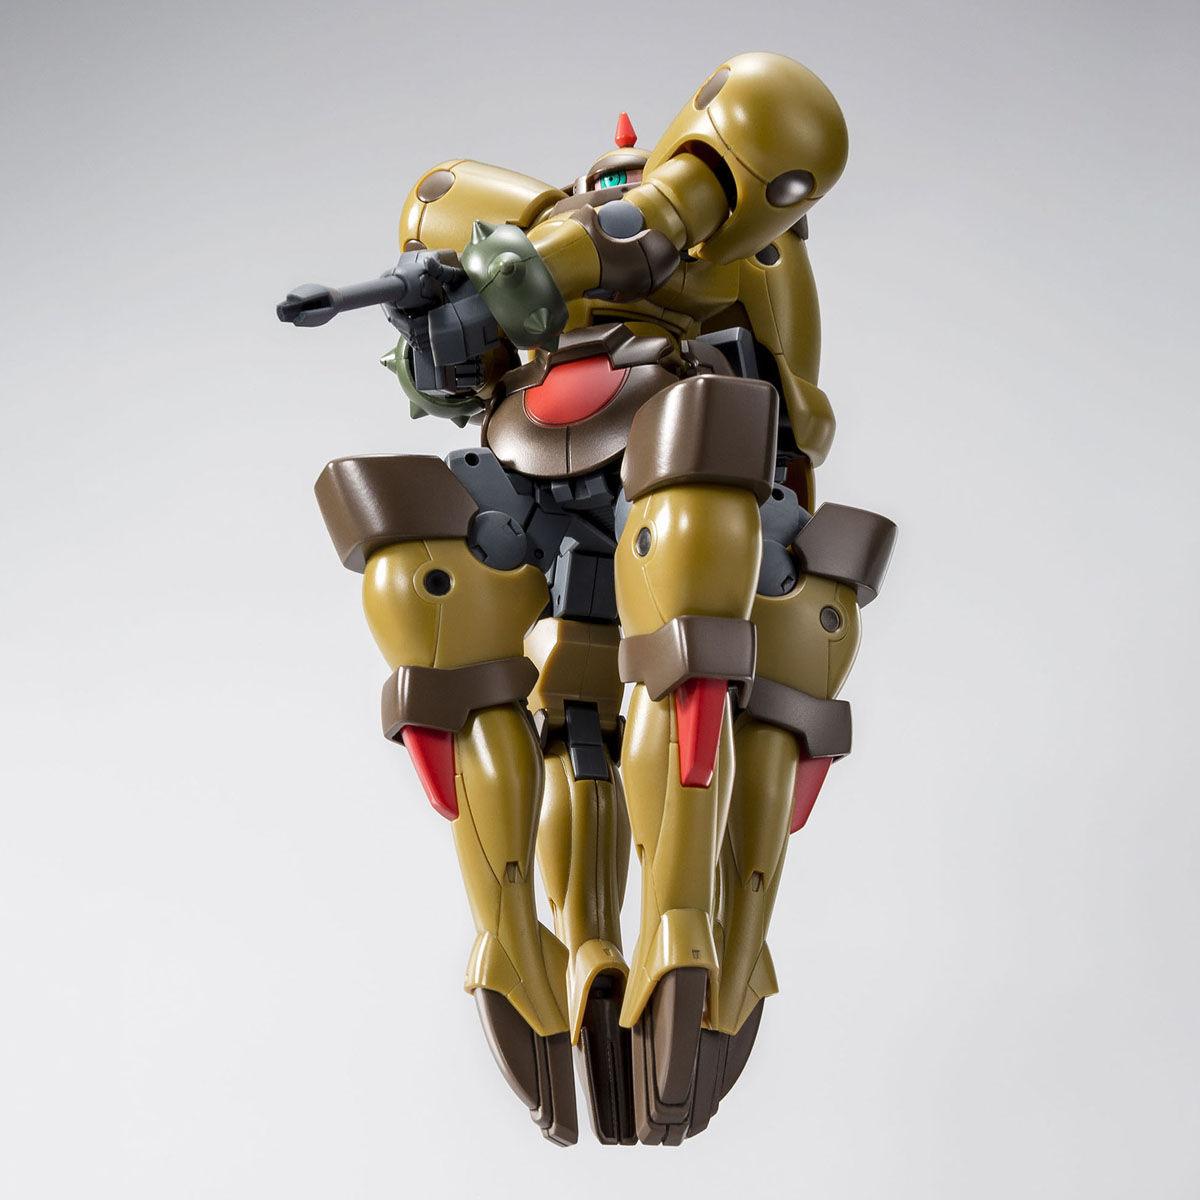 【限定販売】HG 1/144『デスビースト』機動武闘伝Gガンダム プラモデル-007